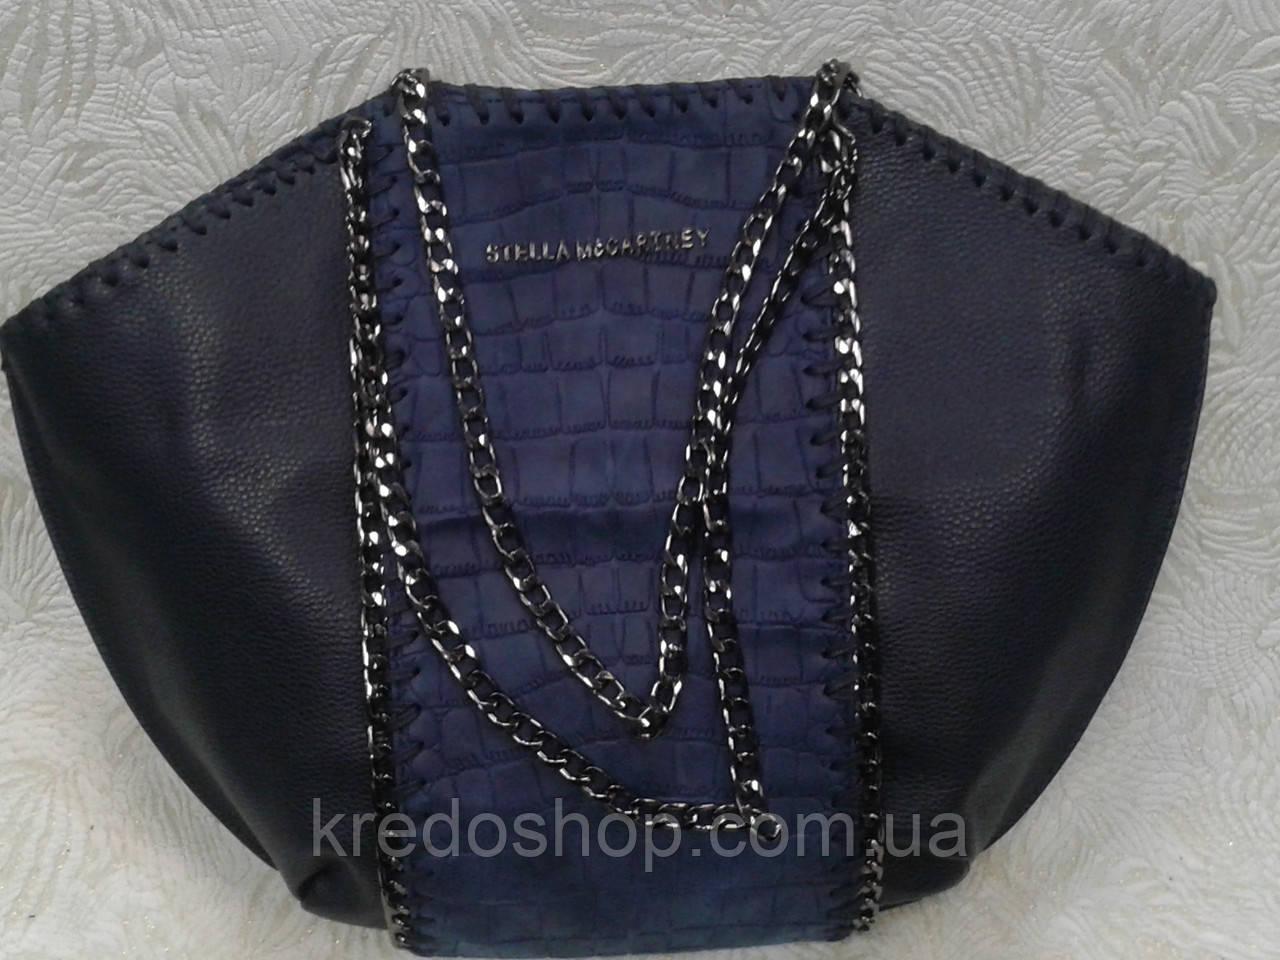 f2babd116d50 Женская сумка молодежная стильная Stella McCartney(Турция) -  Интернет-магазин сумок и аксессуаров